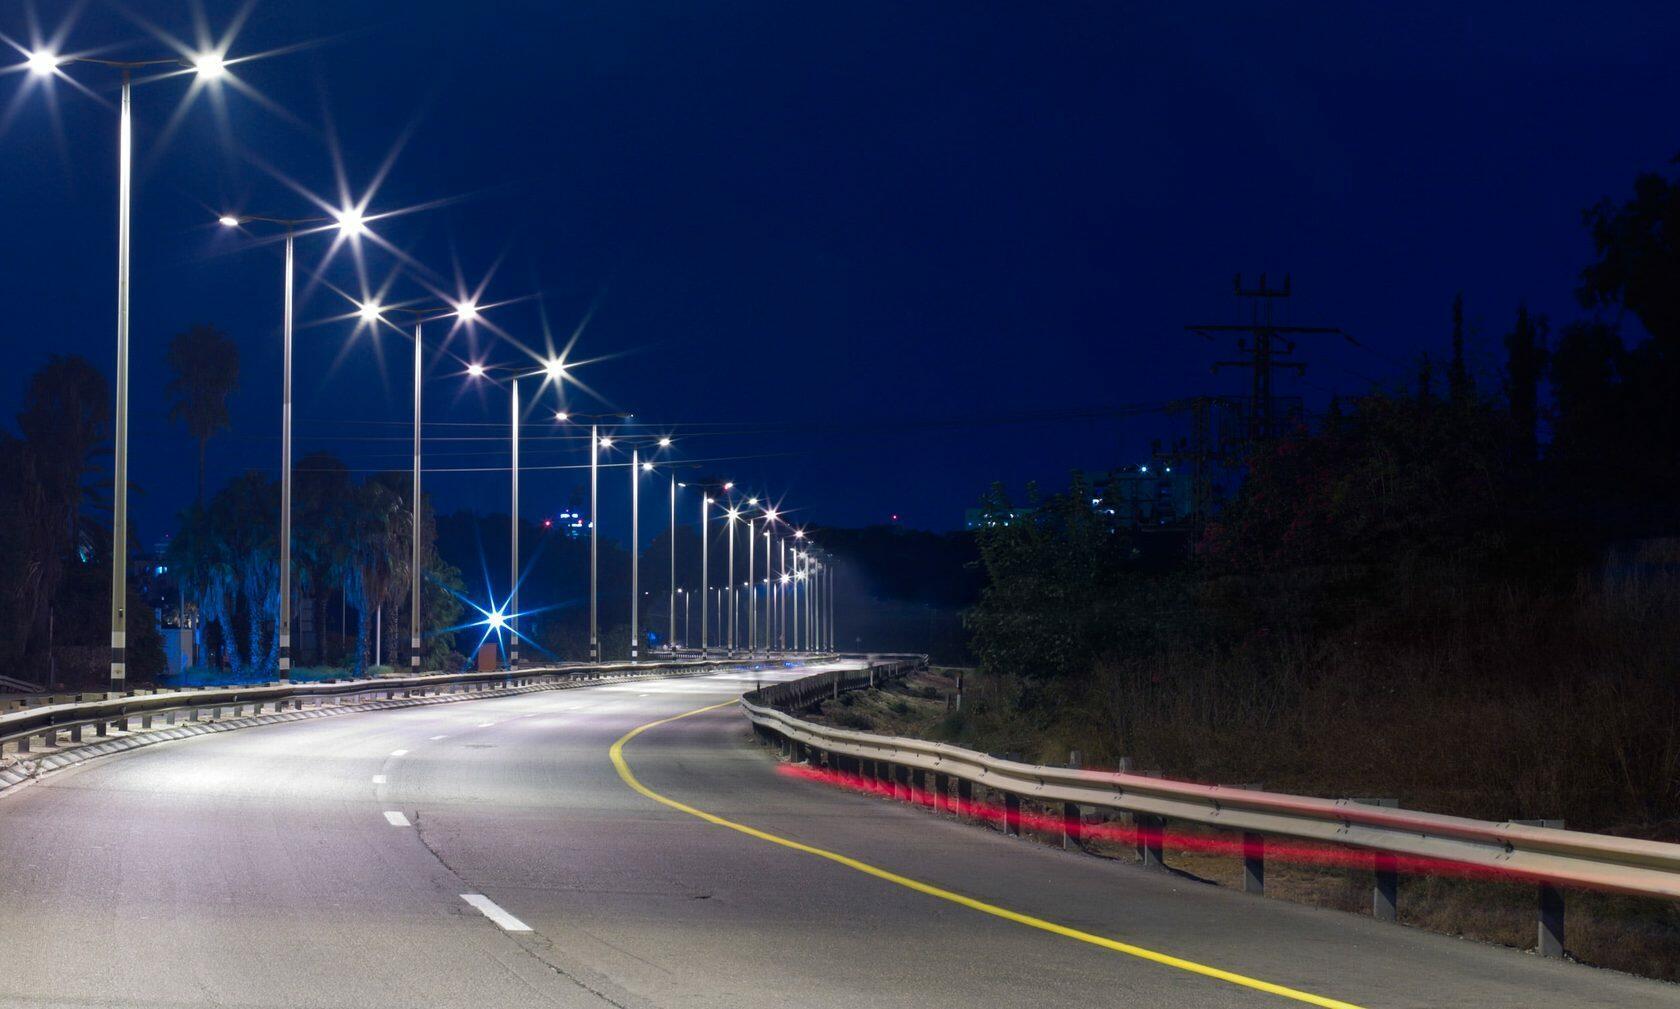 Ночные фонари вдоль автострады